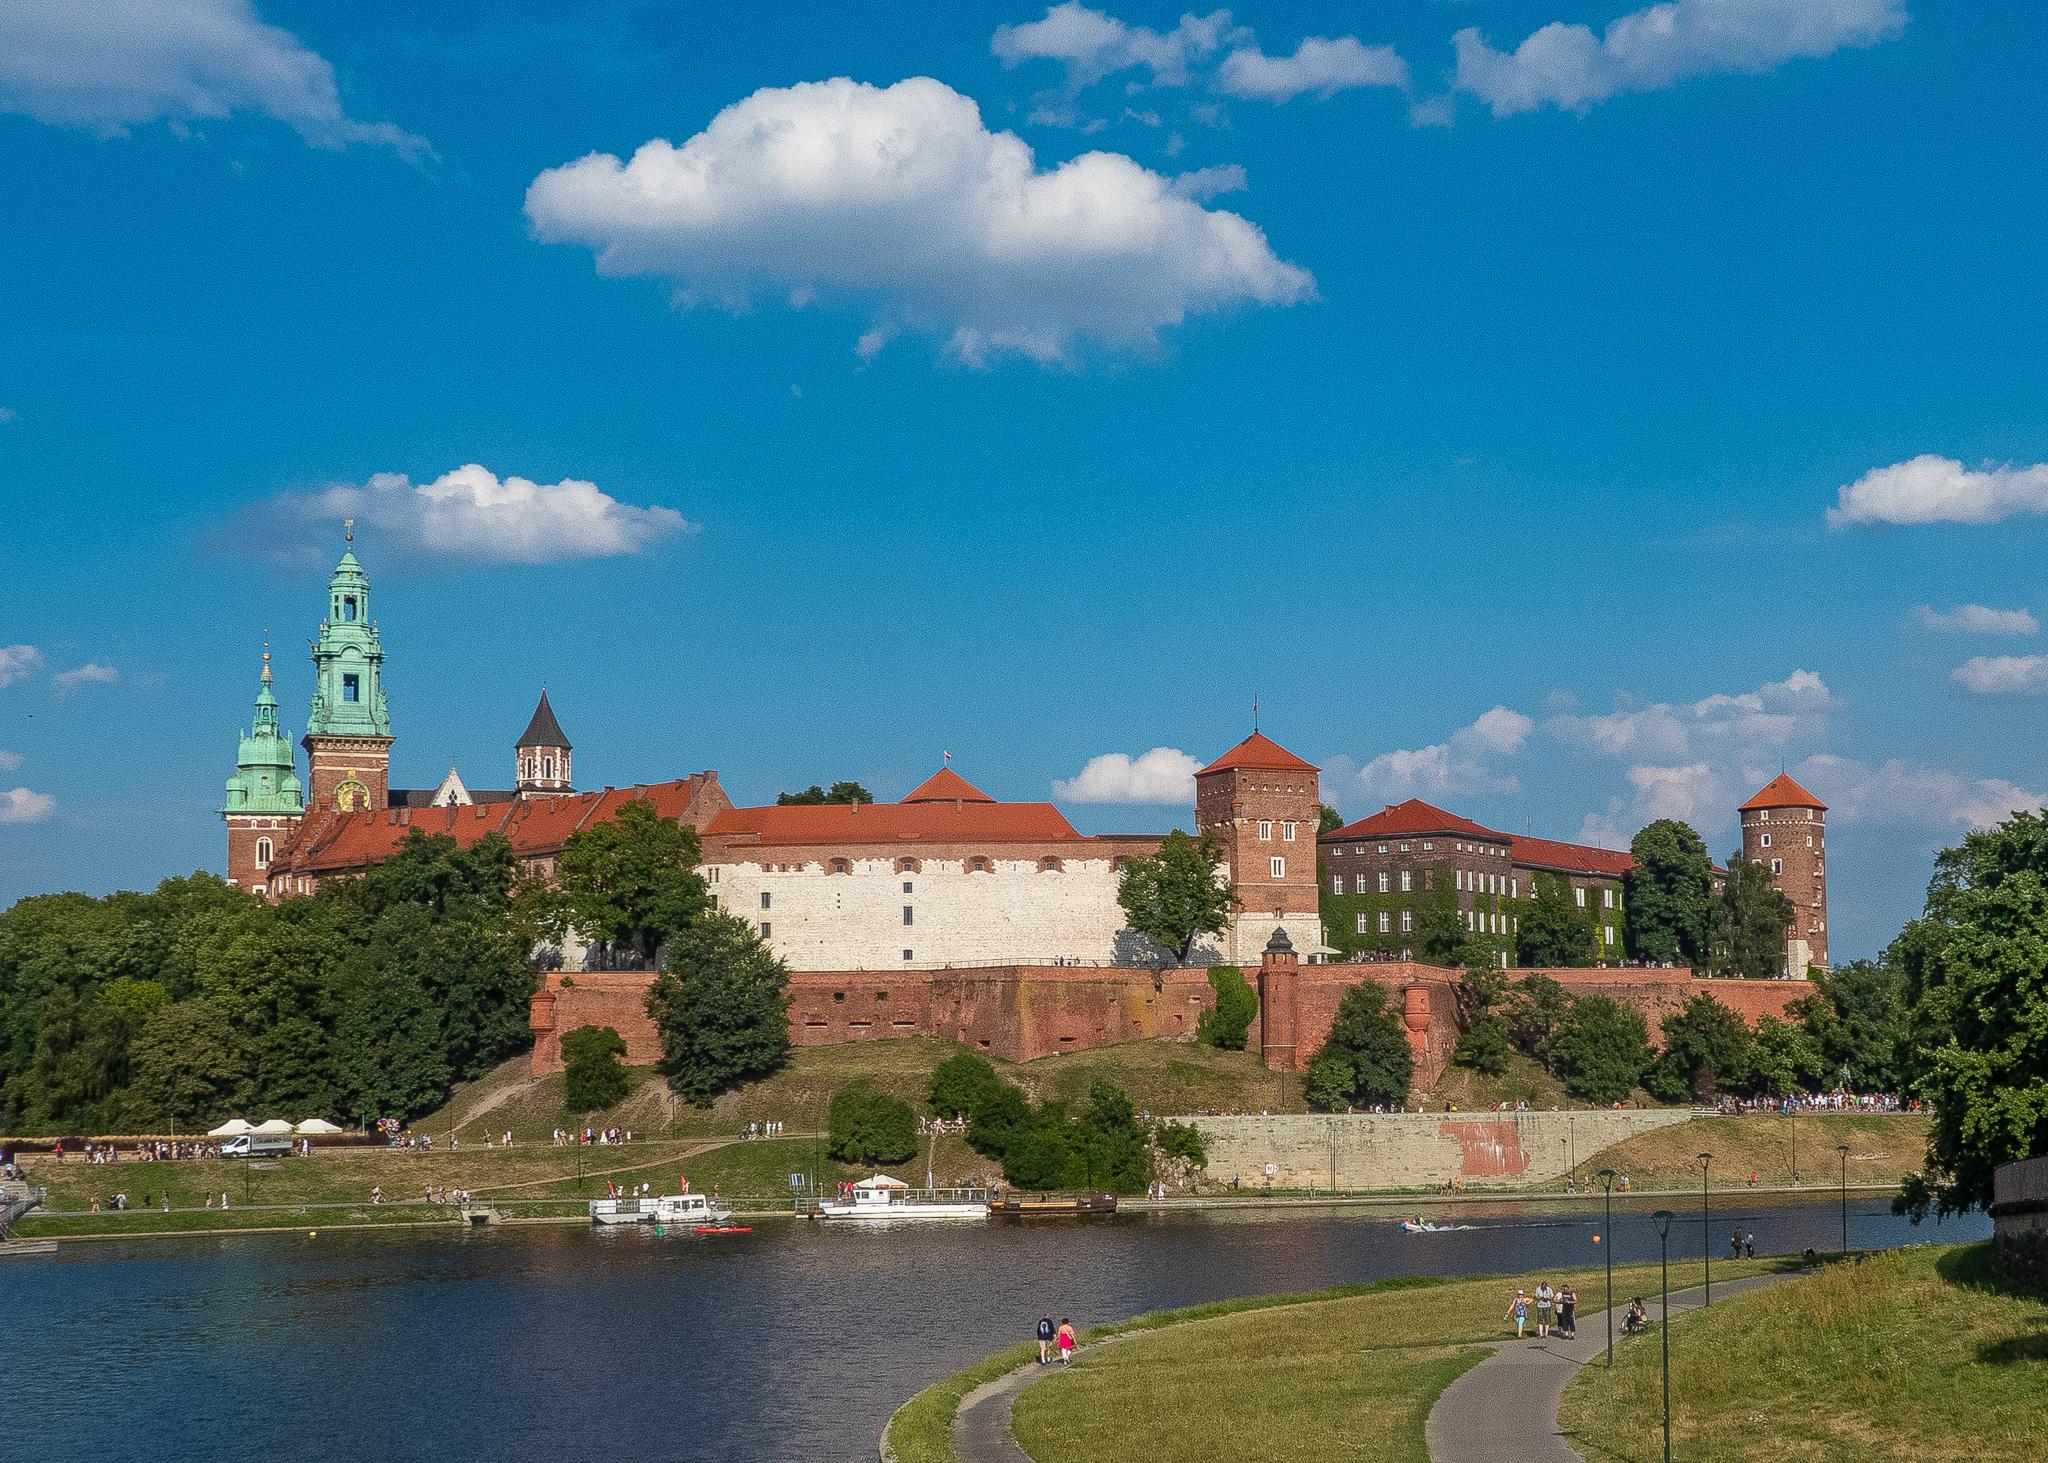 The impressive Wawel Castle